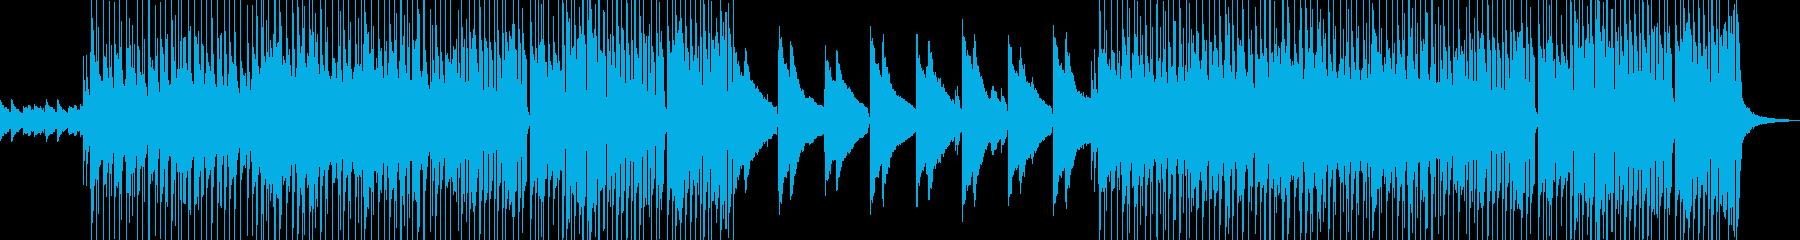 クールでモダンなピアノトリインストジャズの再生済みの波形